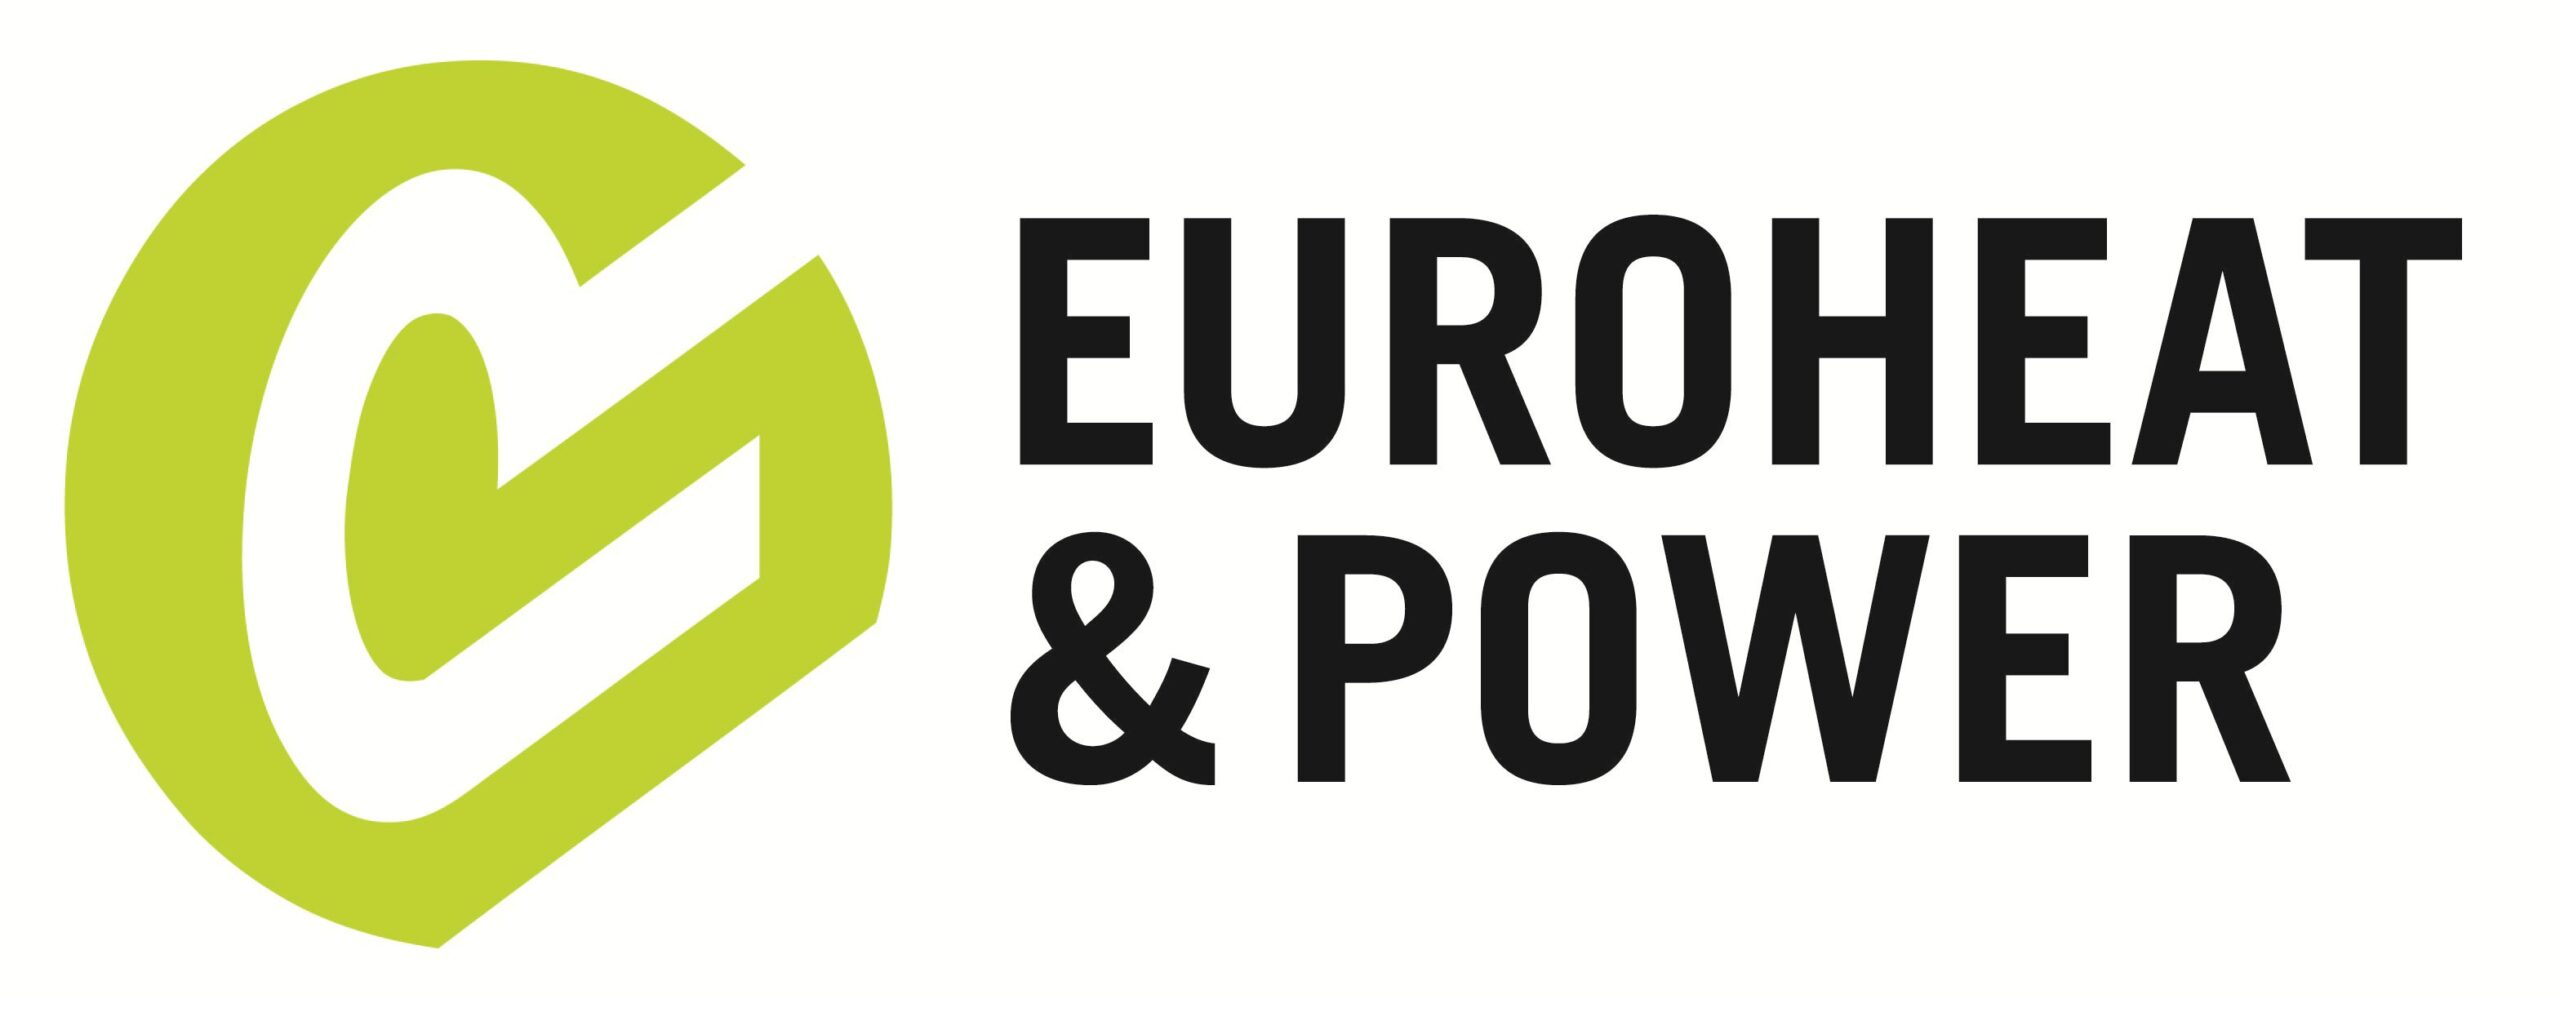 Euroheat & Power